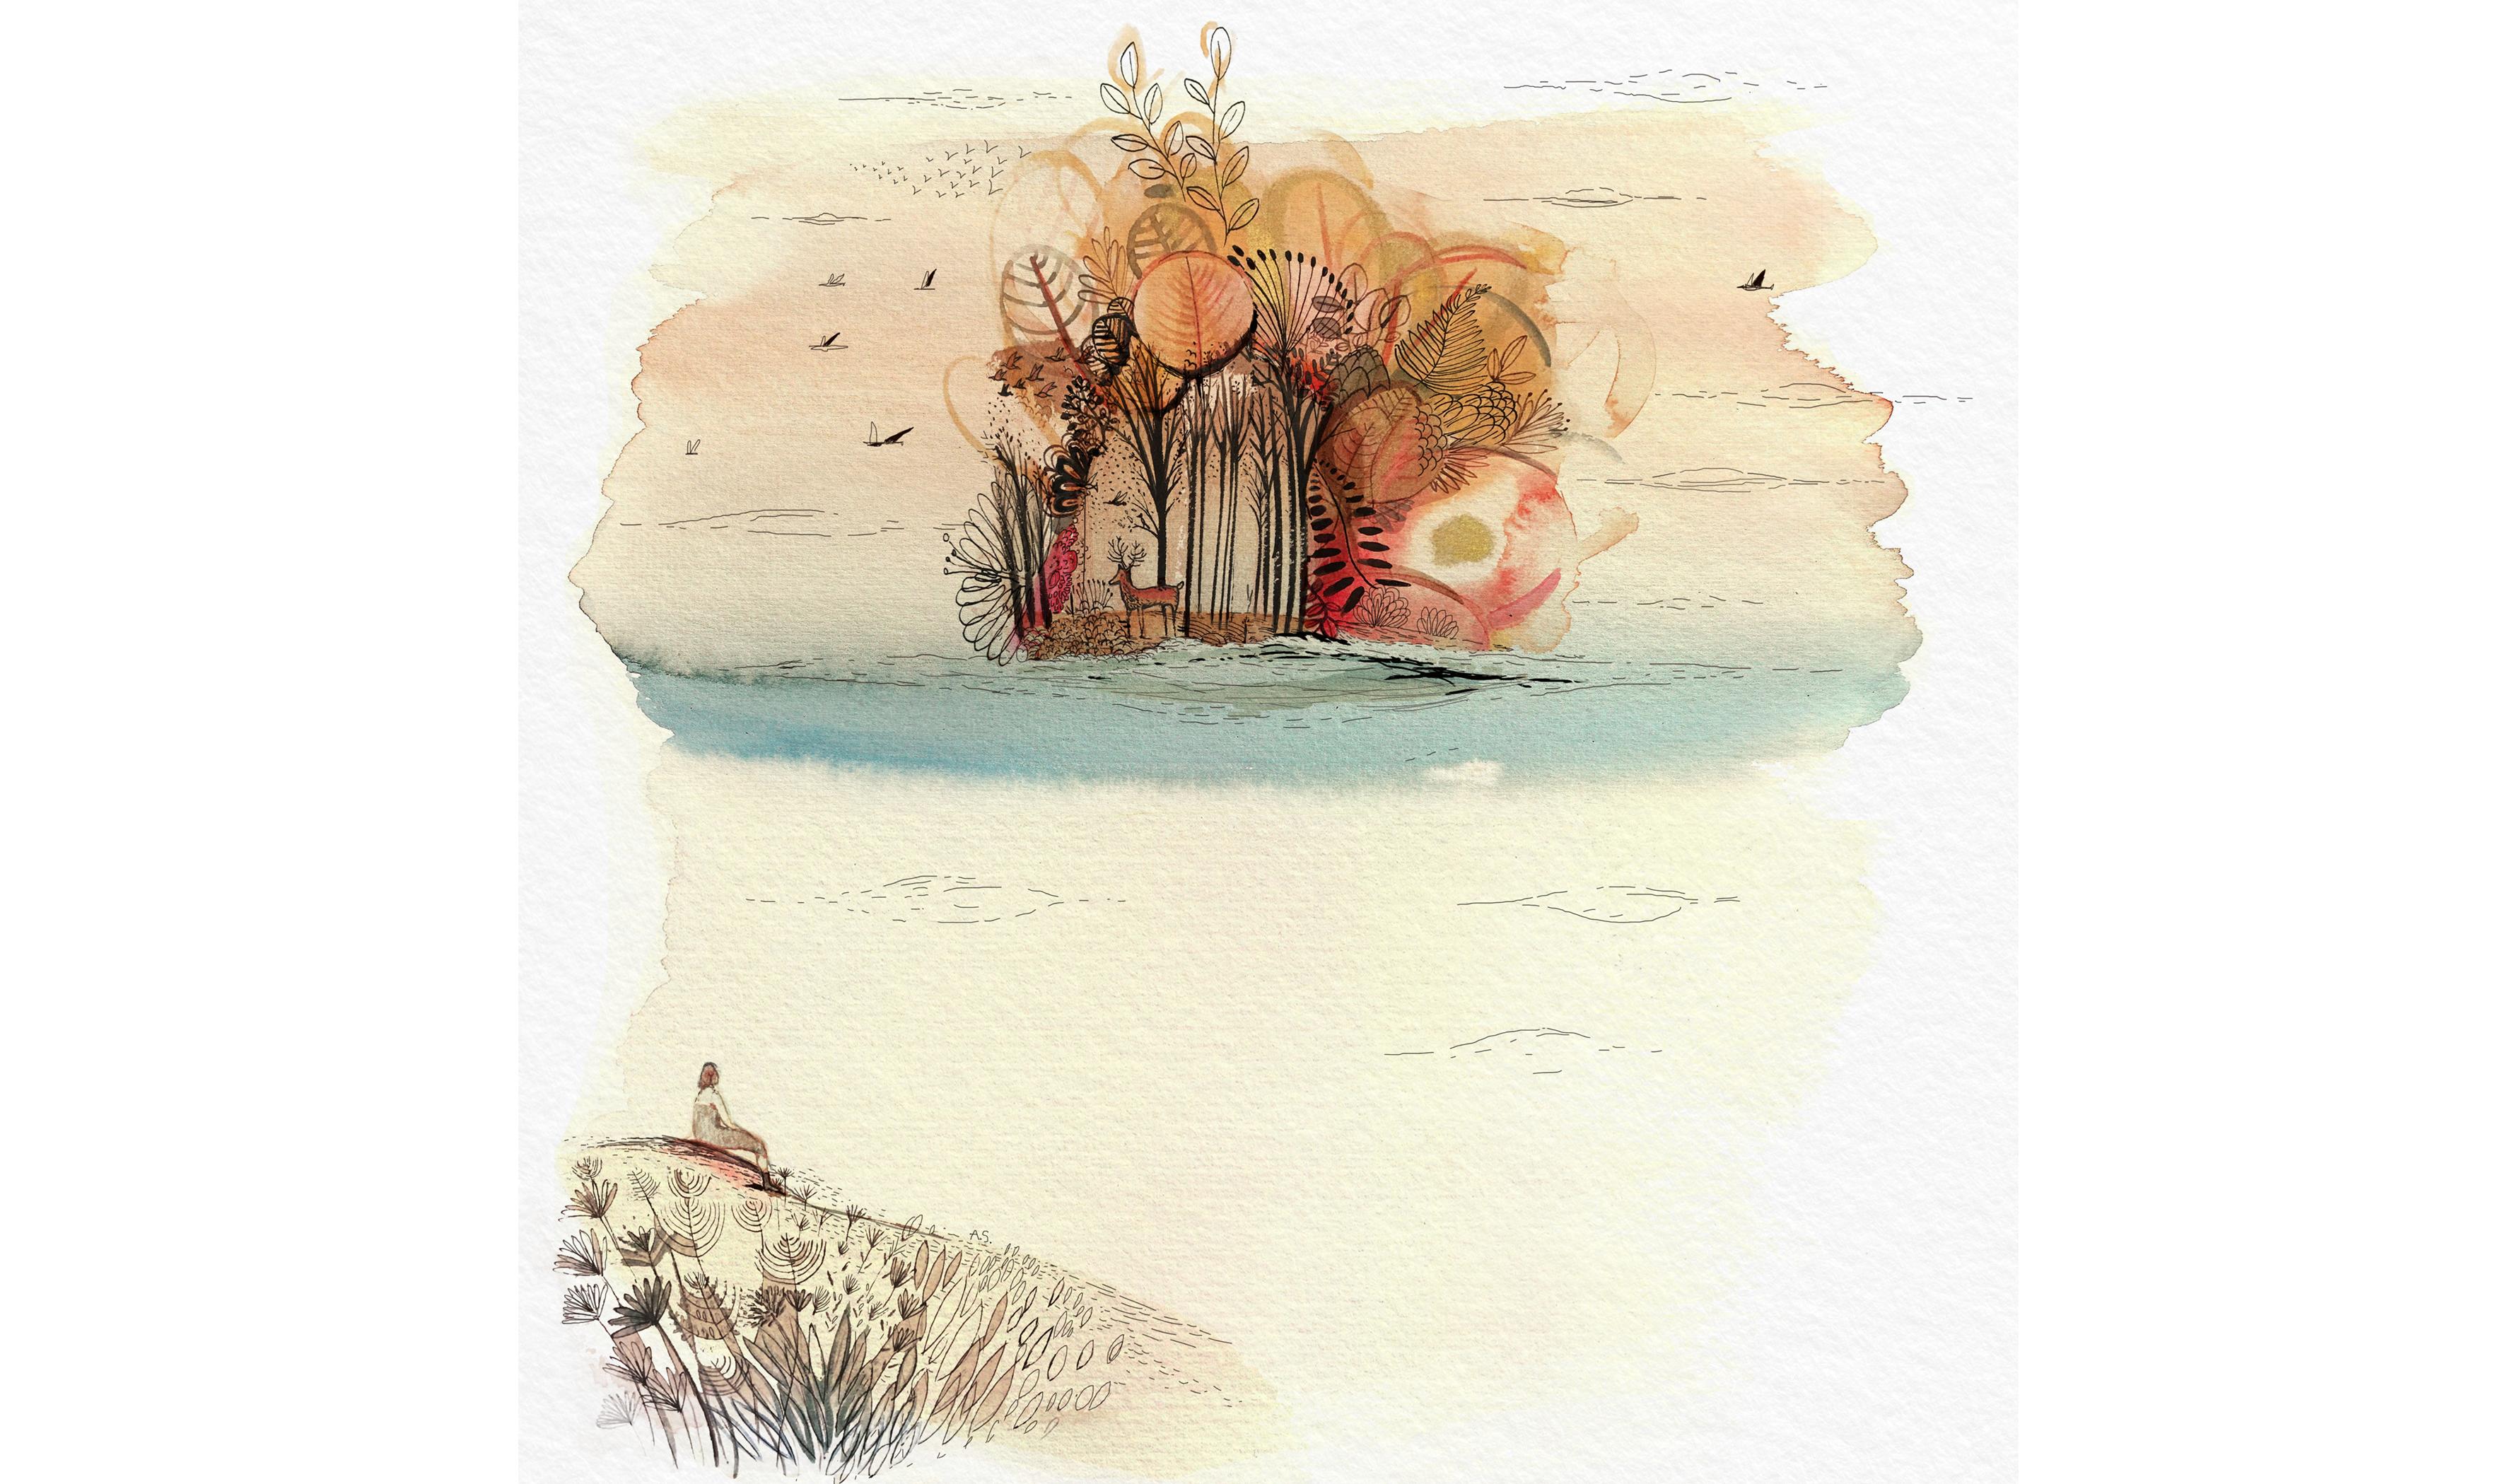 Utopia, Illustrazione, china e acquerello, conceptual illustration